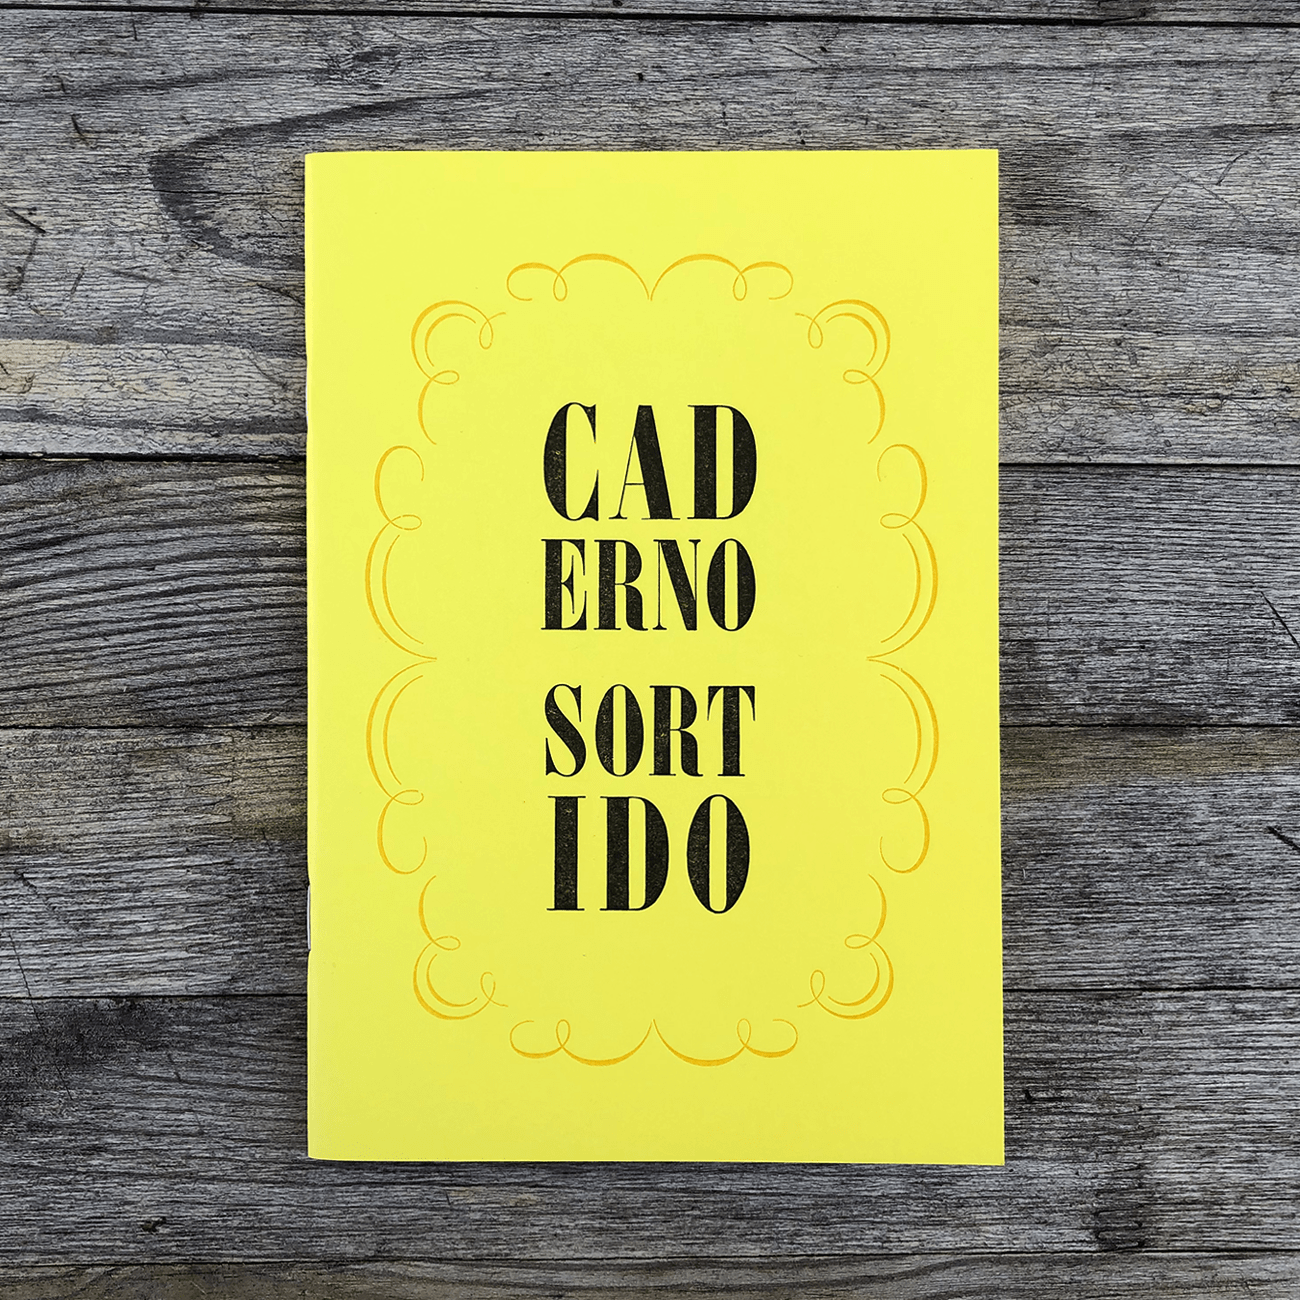 Serrote Notebook, Caderno Sortido, gemusterte, einfarbige Innenseiten, gelb